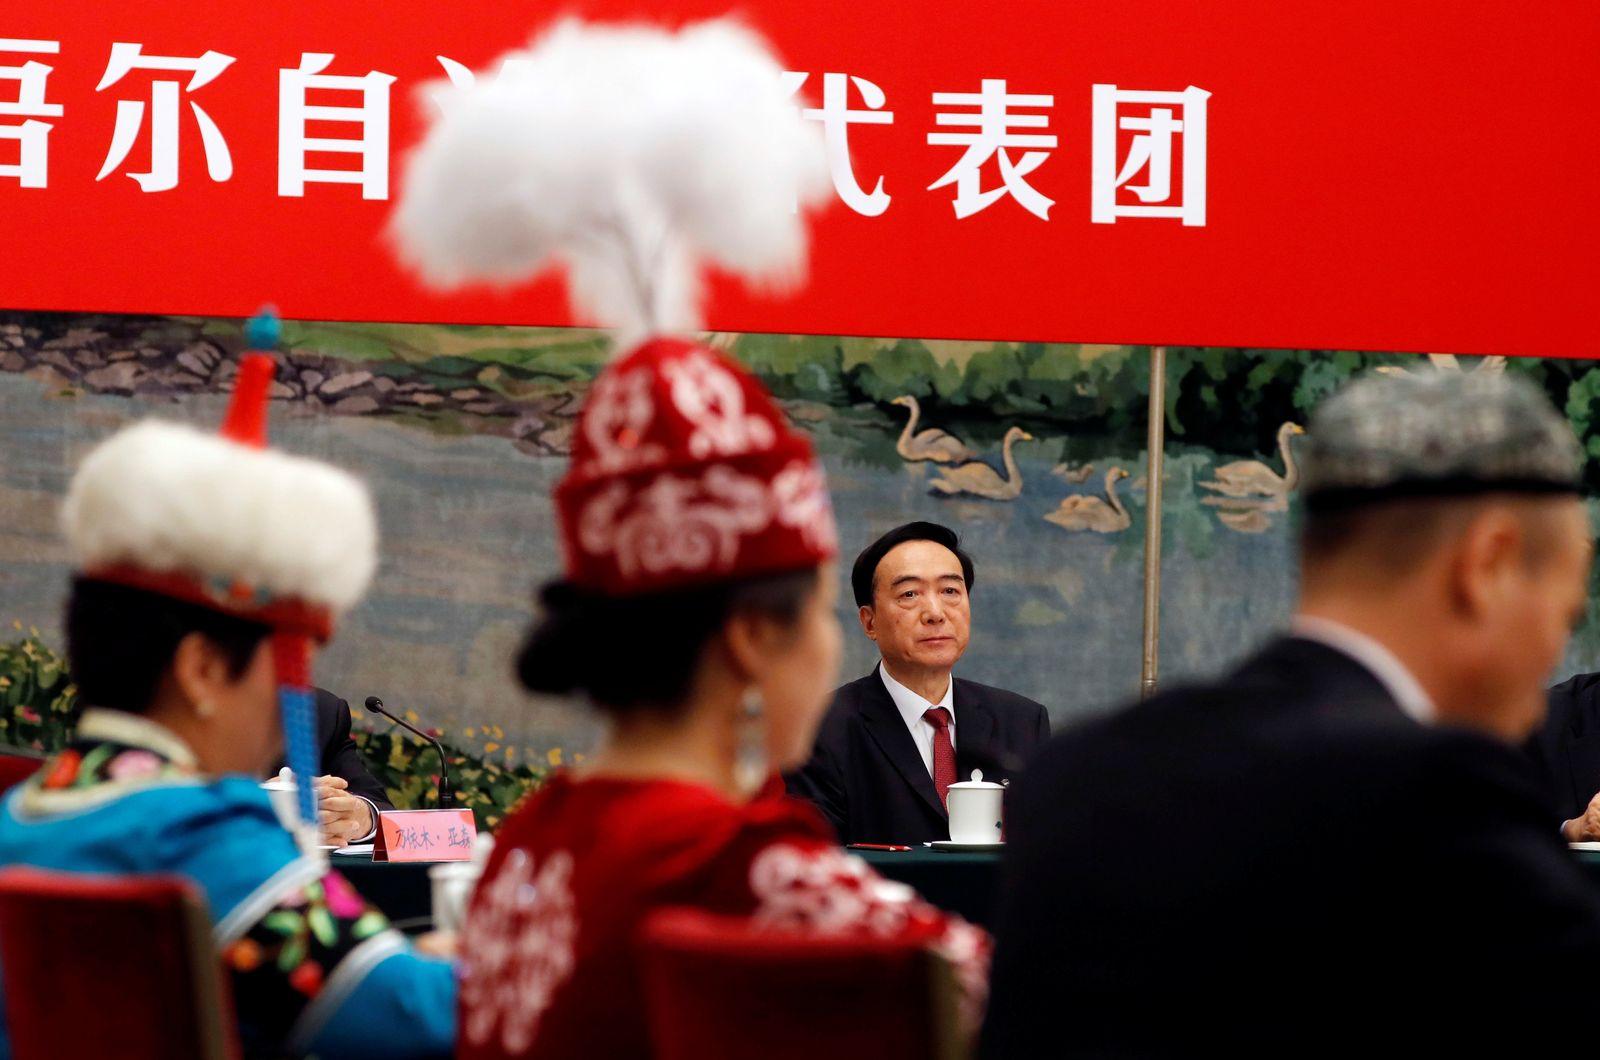 Chen Quanguo / Xinjiang Uyghur